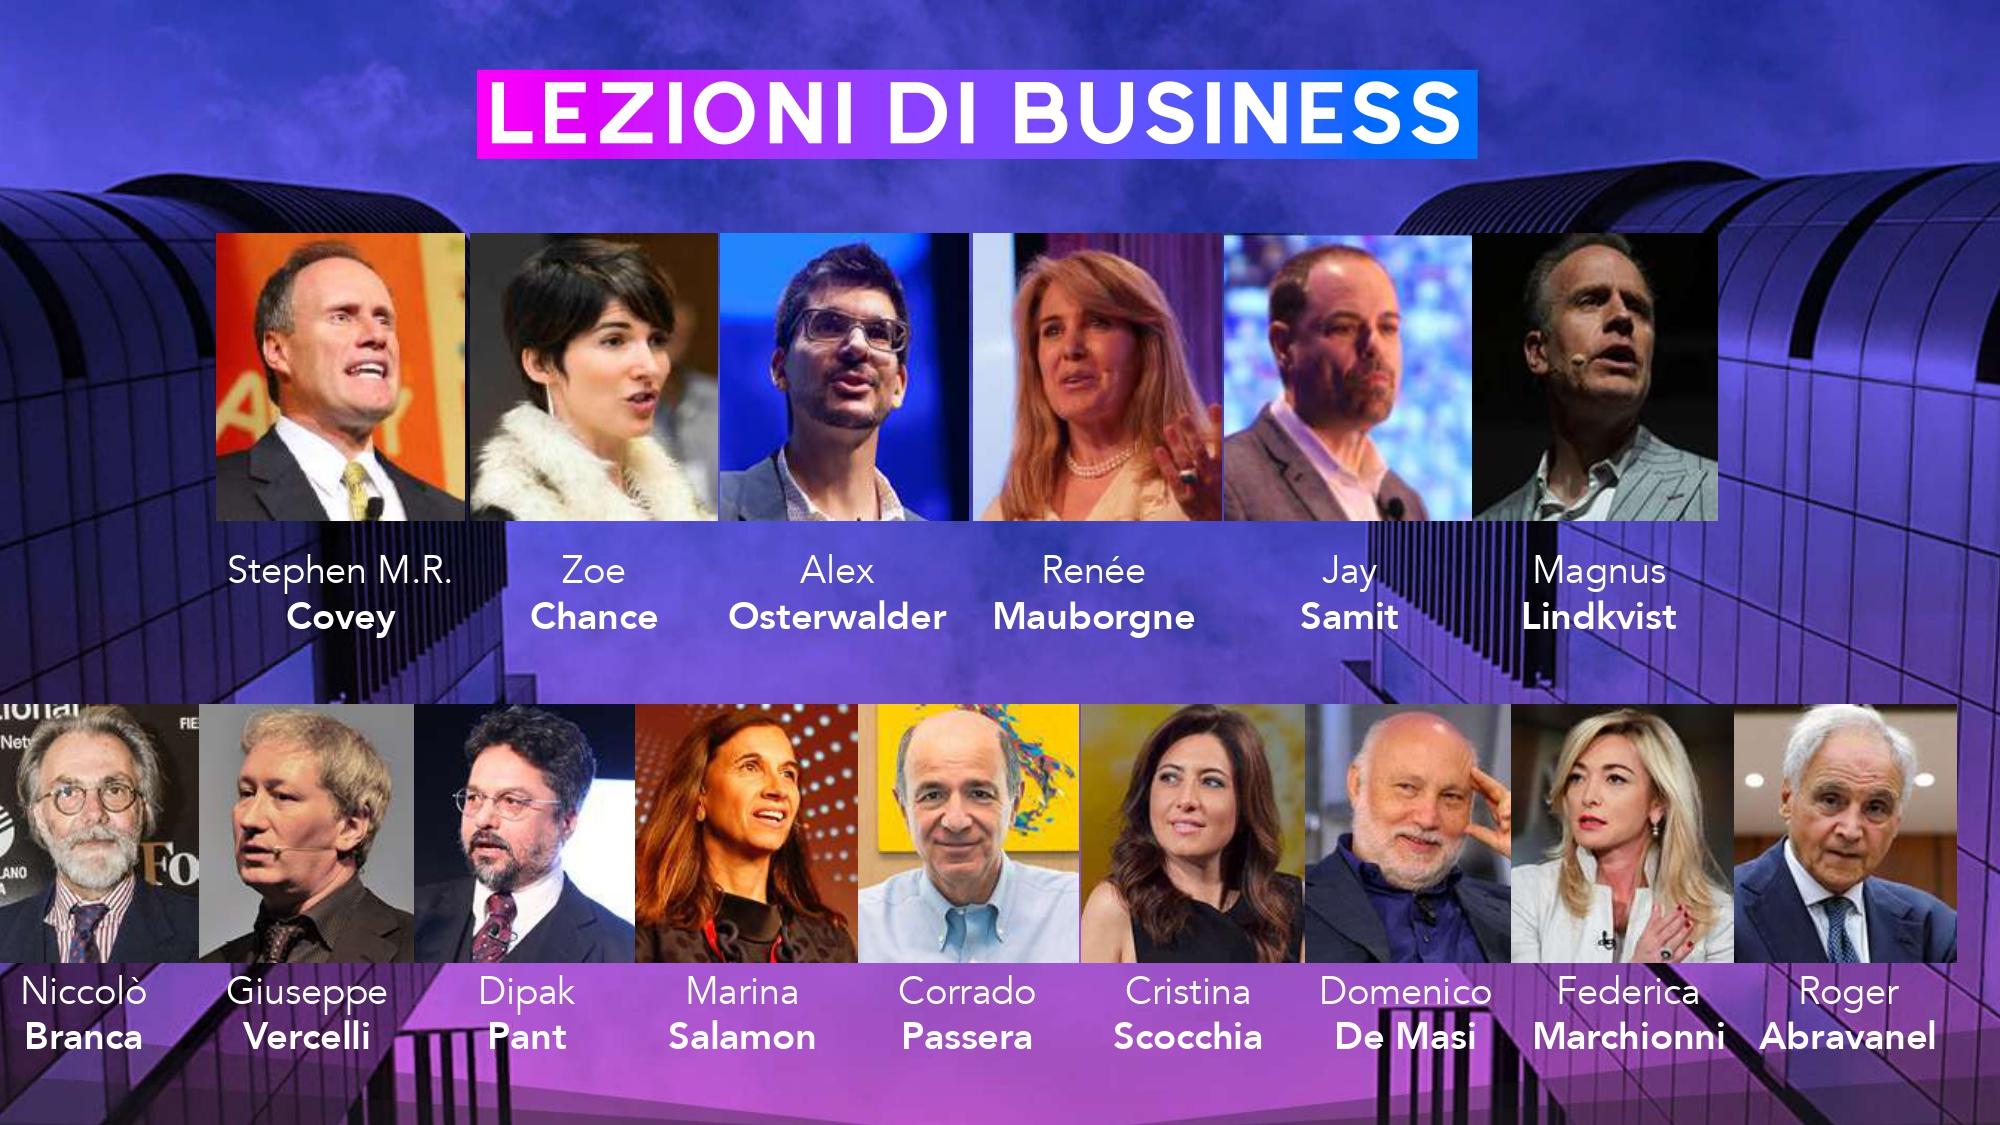 LEZIONI DI BUSINESS